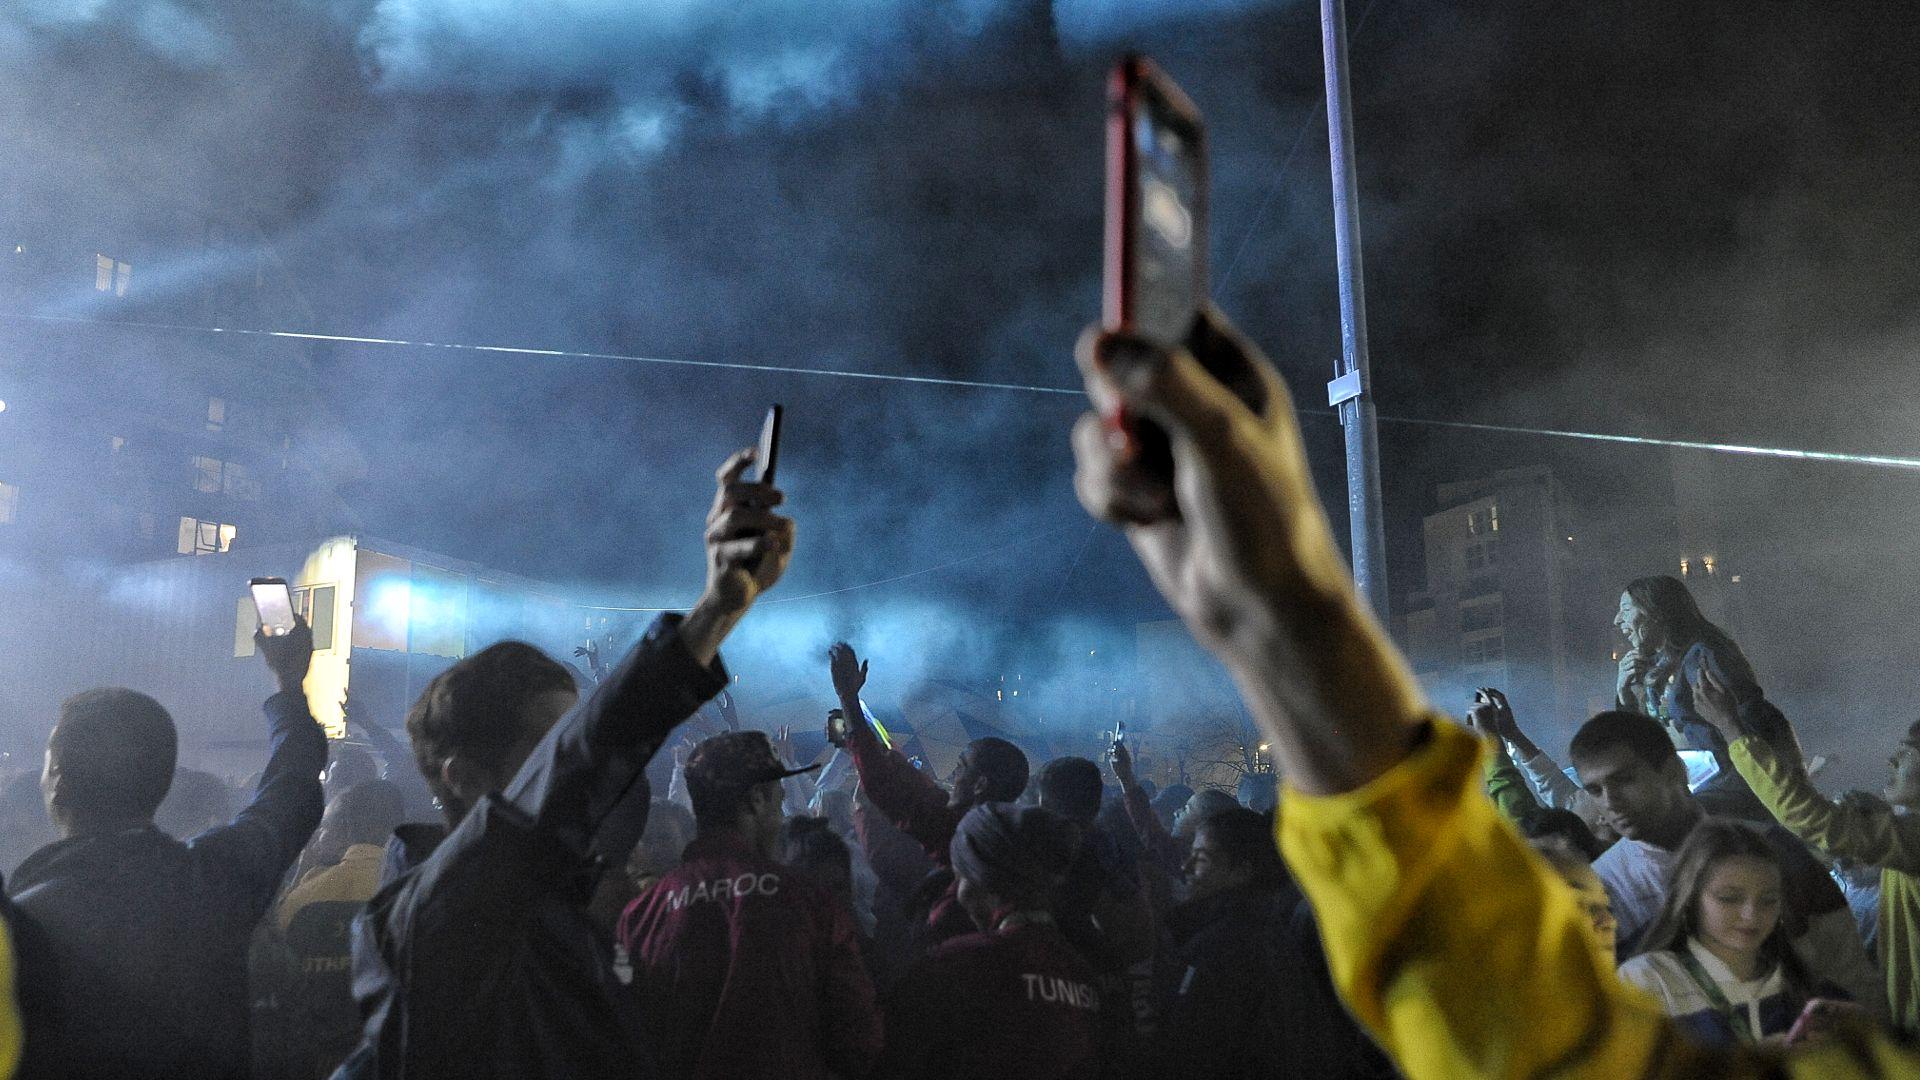 Con los celulares al viento para rescatar todas las imágenes que se puedan (Patricio Murphy)